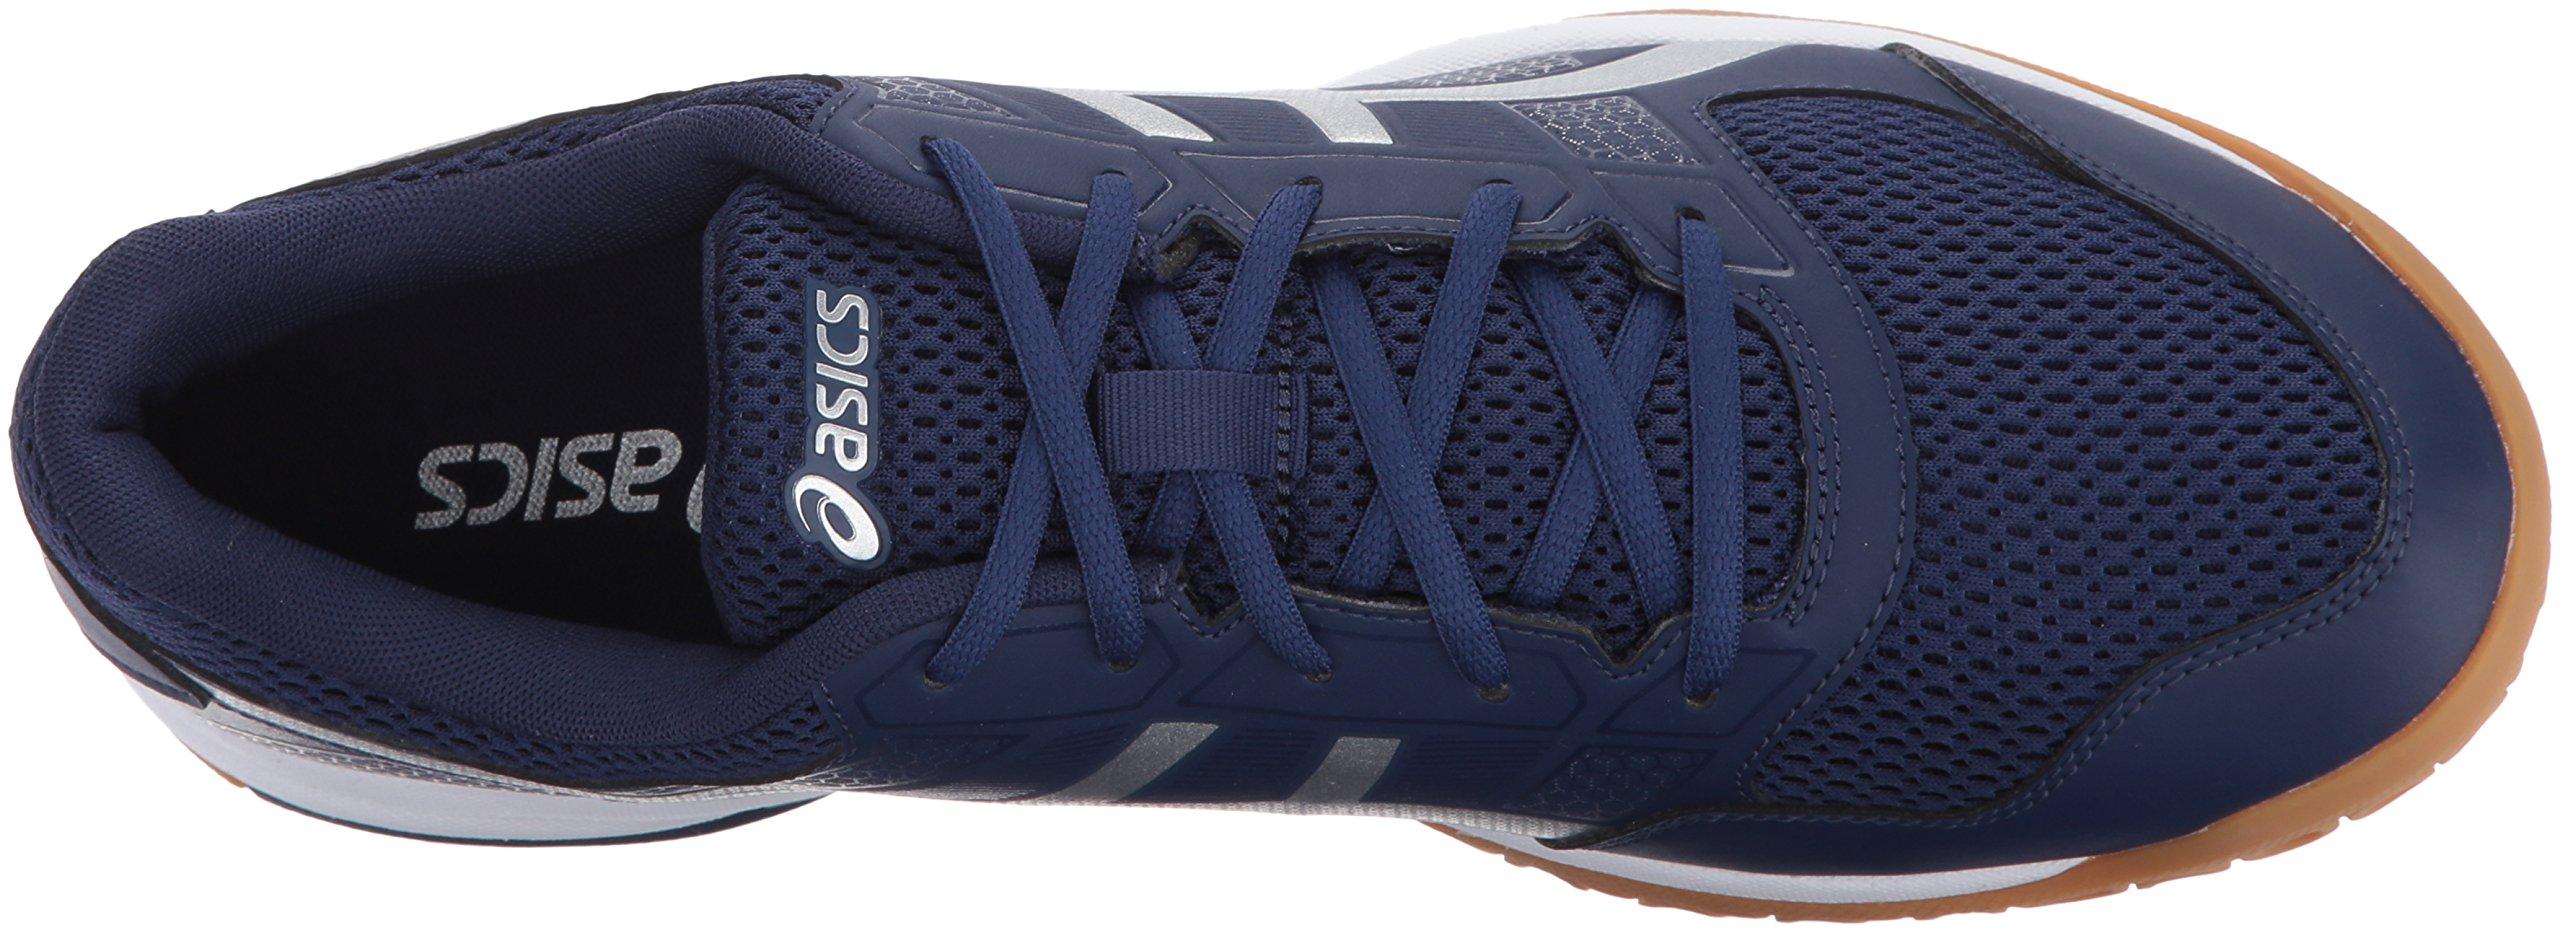 ASICS blanc Chaussure de volleyball hommes, Gel Rocket ASICS 8 pour hommes, bleu indigo/ argent/ blanc 9dd5f3d - wisespend.website